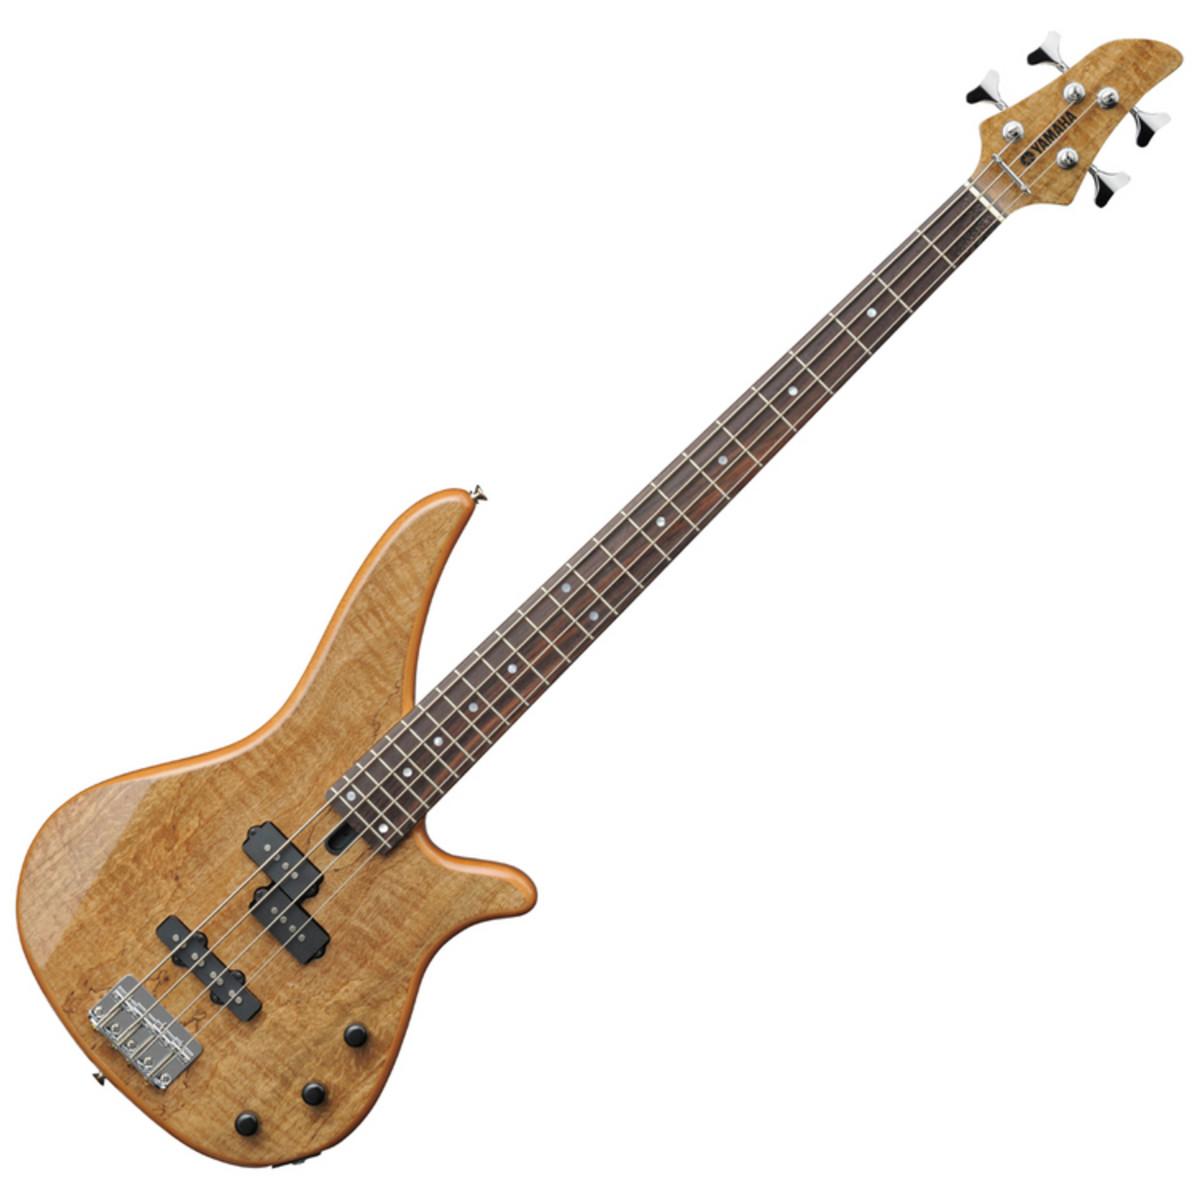 Disc yamaha rbx170ew exotic wood bass guitar natural at for Yamaha bass guitars